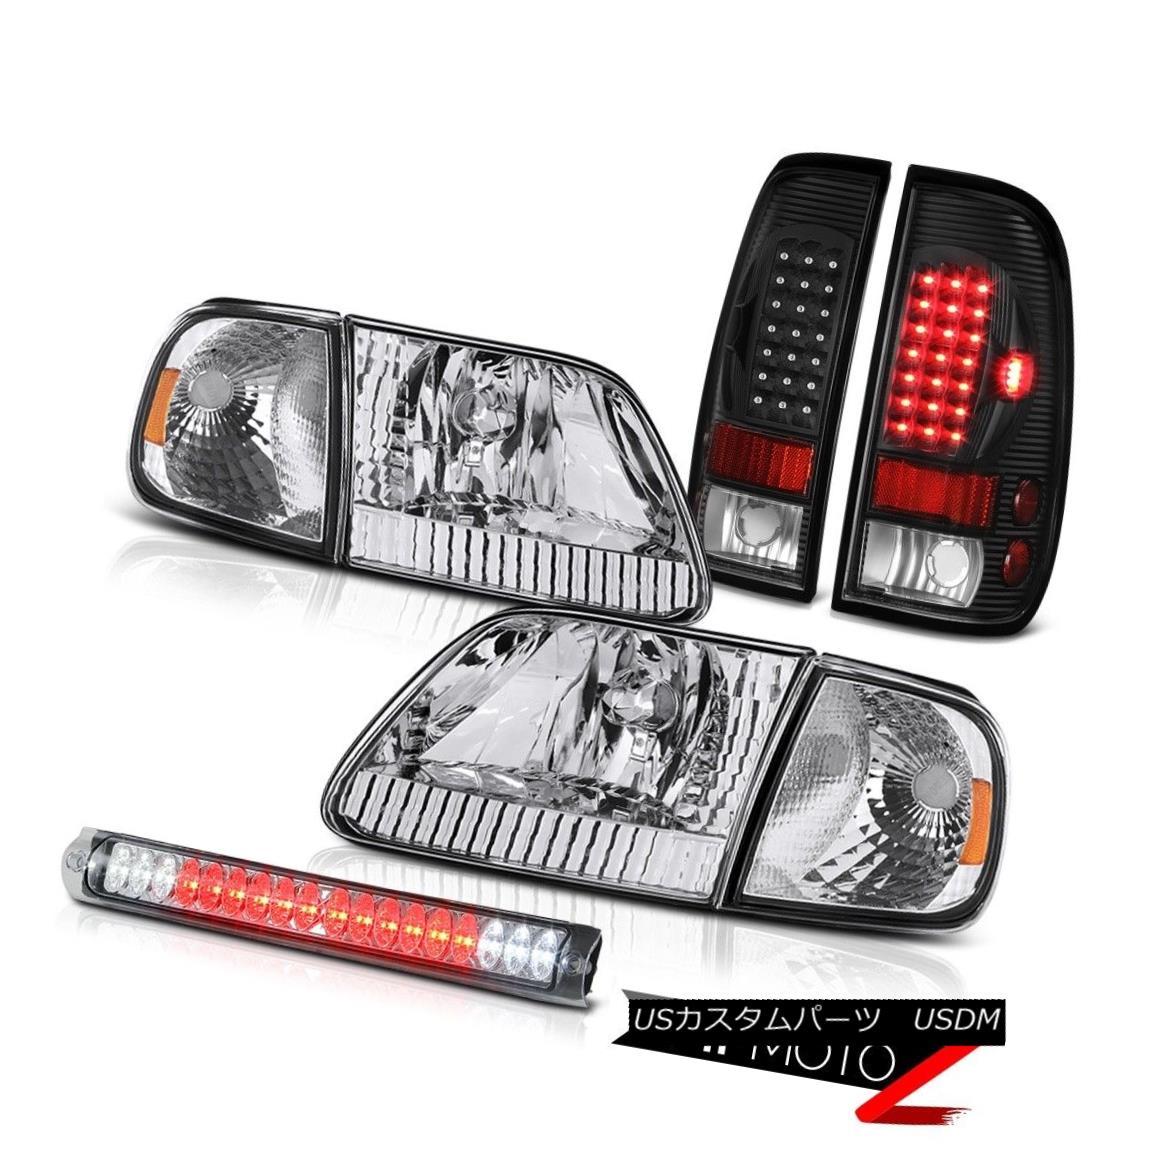 テールライト Pair Headlights Turn Signal Black LED Tail Lamp Third Brake Cargo 97-03 F150 XLT ペアヘッドライトターンシグナルブラックLEDテールランプ第3ブレーキ貨物97-03 F150 XLT